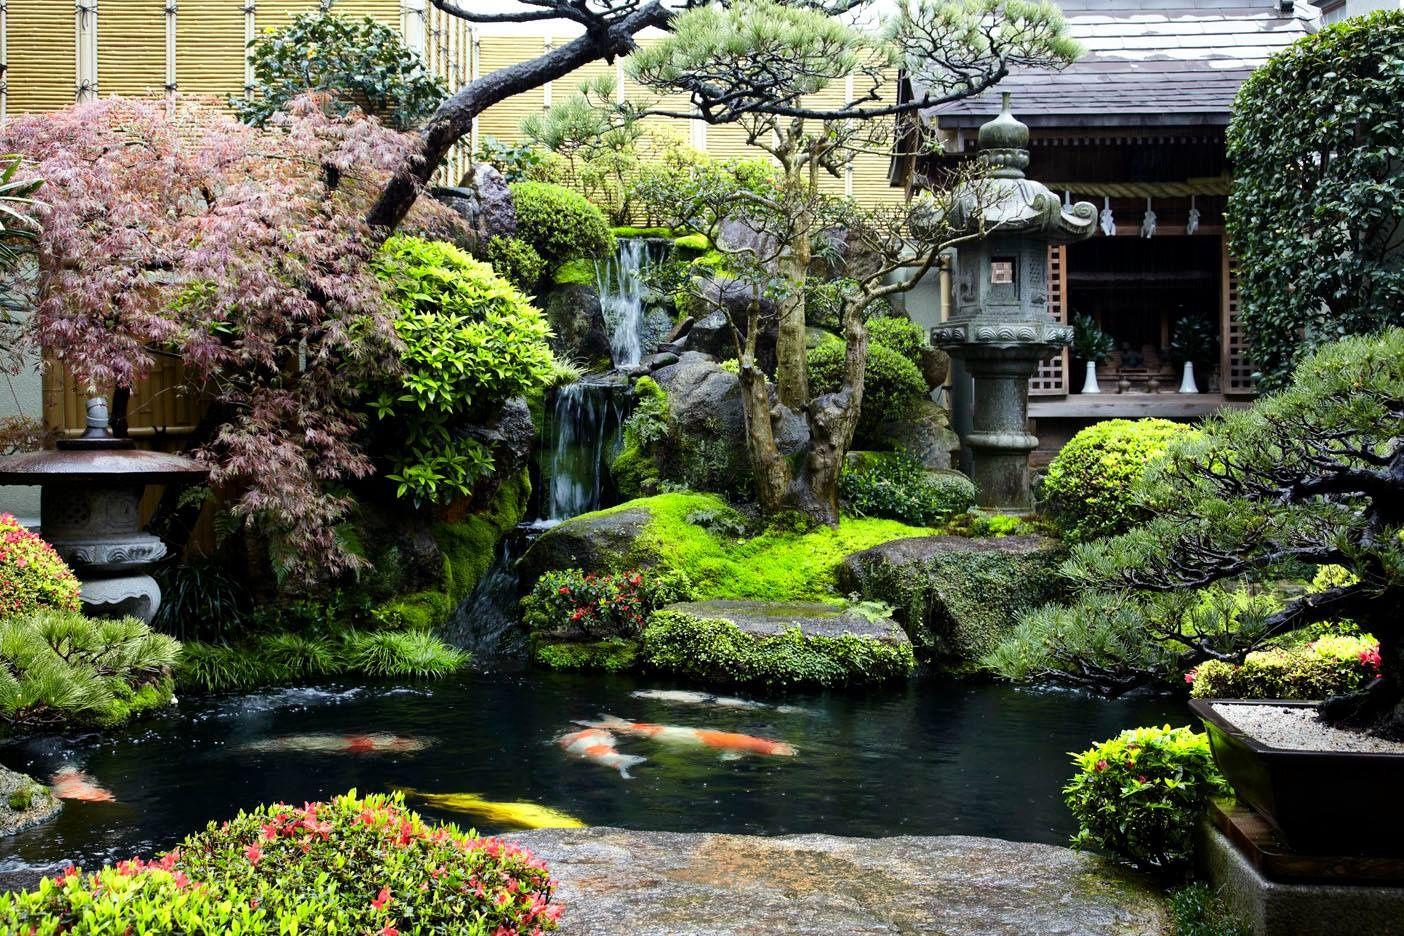 Epingle Par Papounet Sur Jardin Avec Images Jardin D Eau Jardin Japonais Jardins